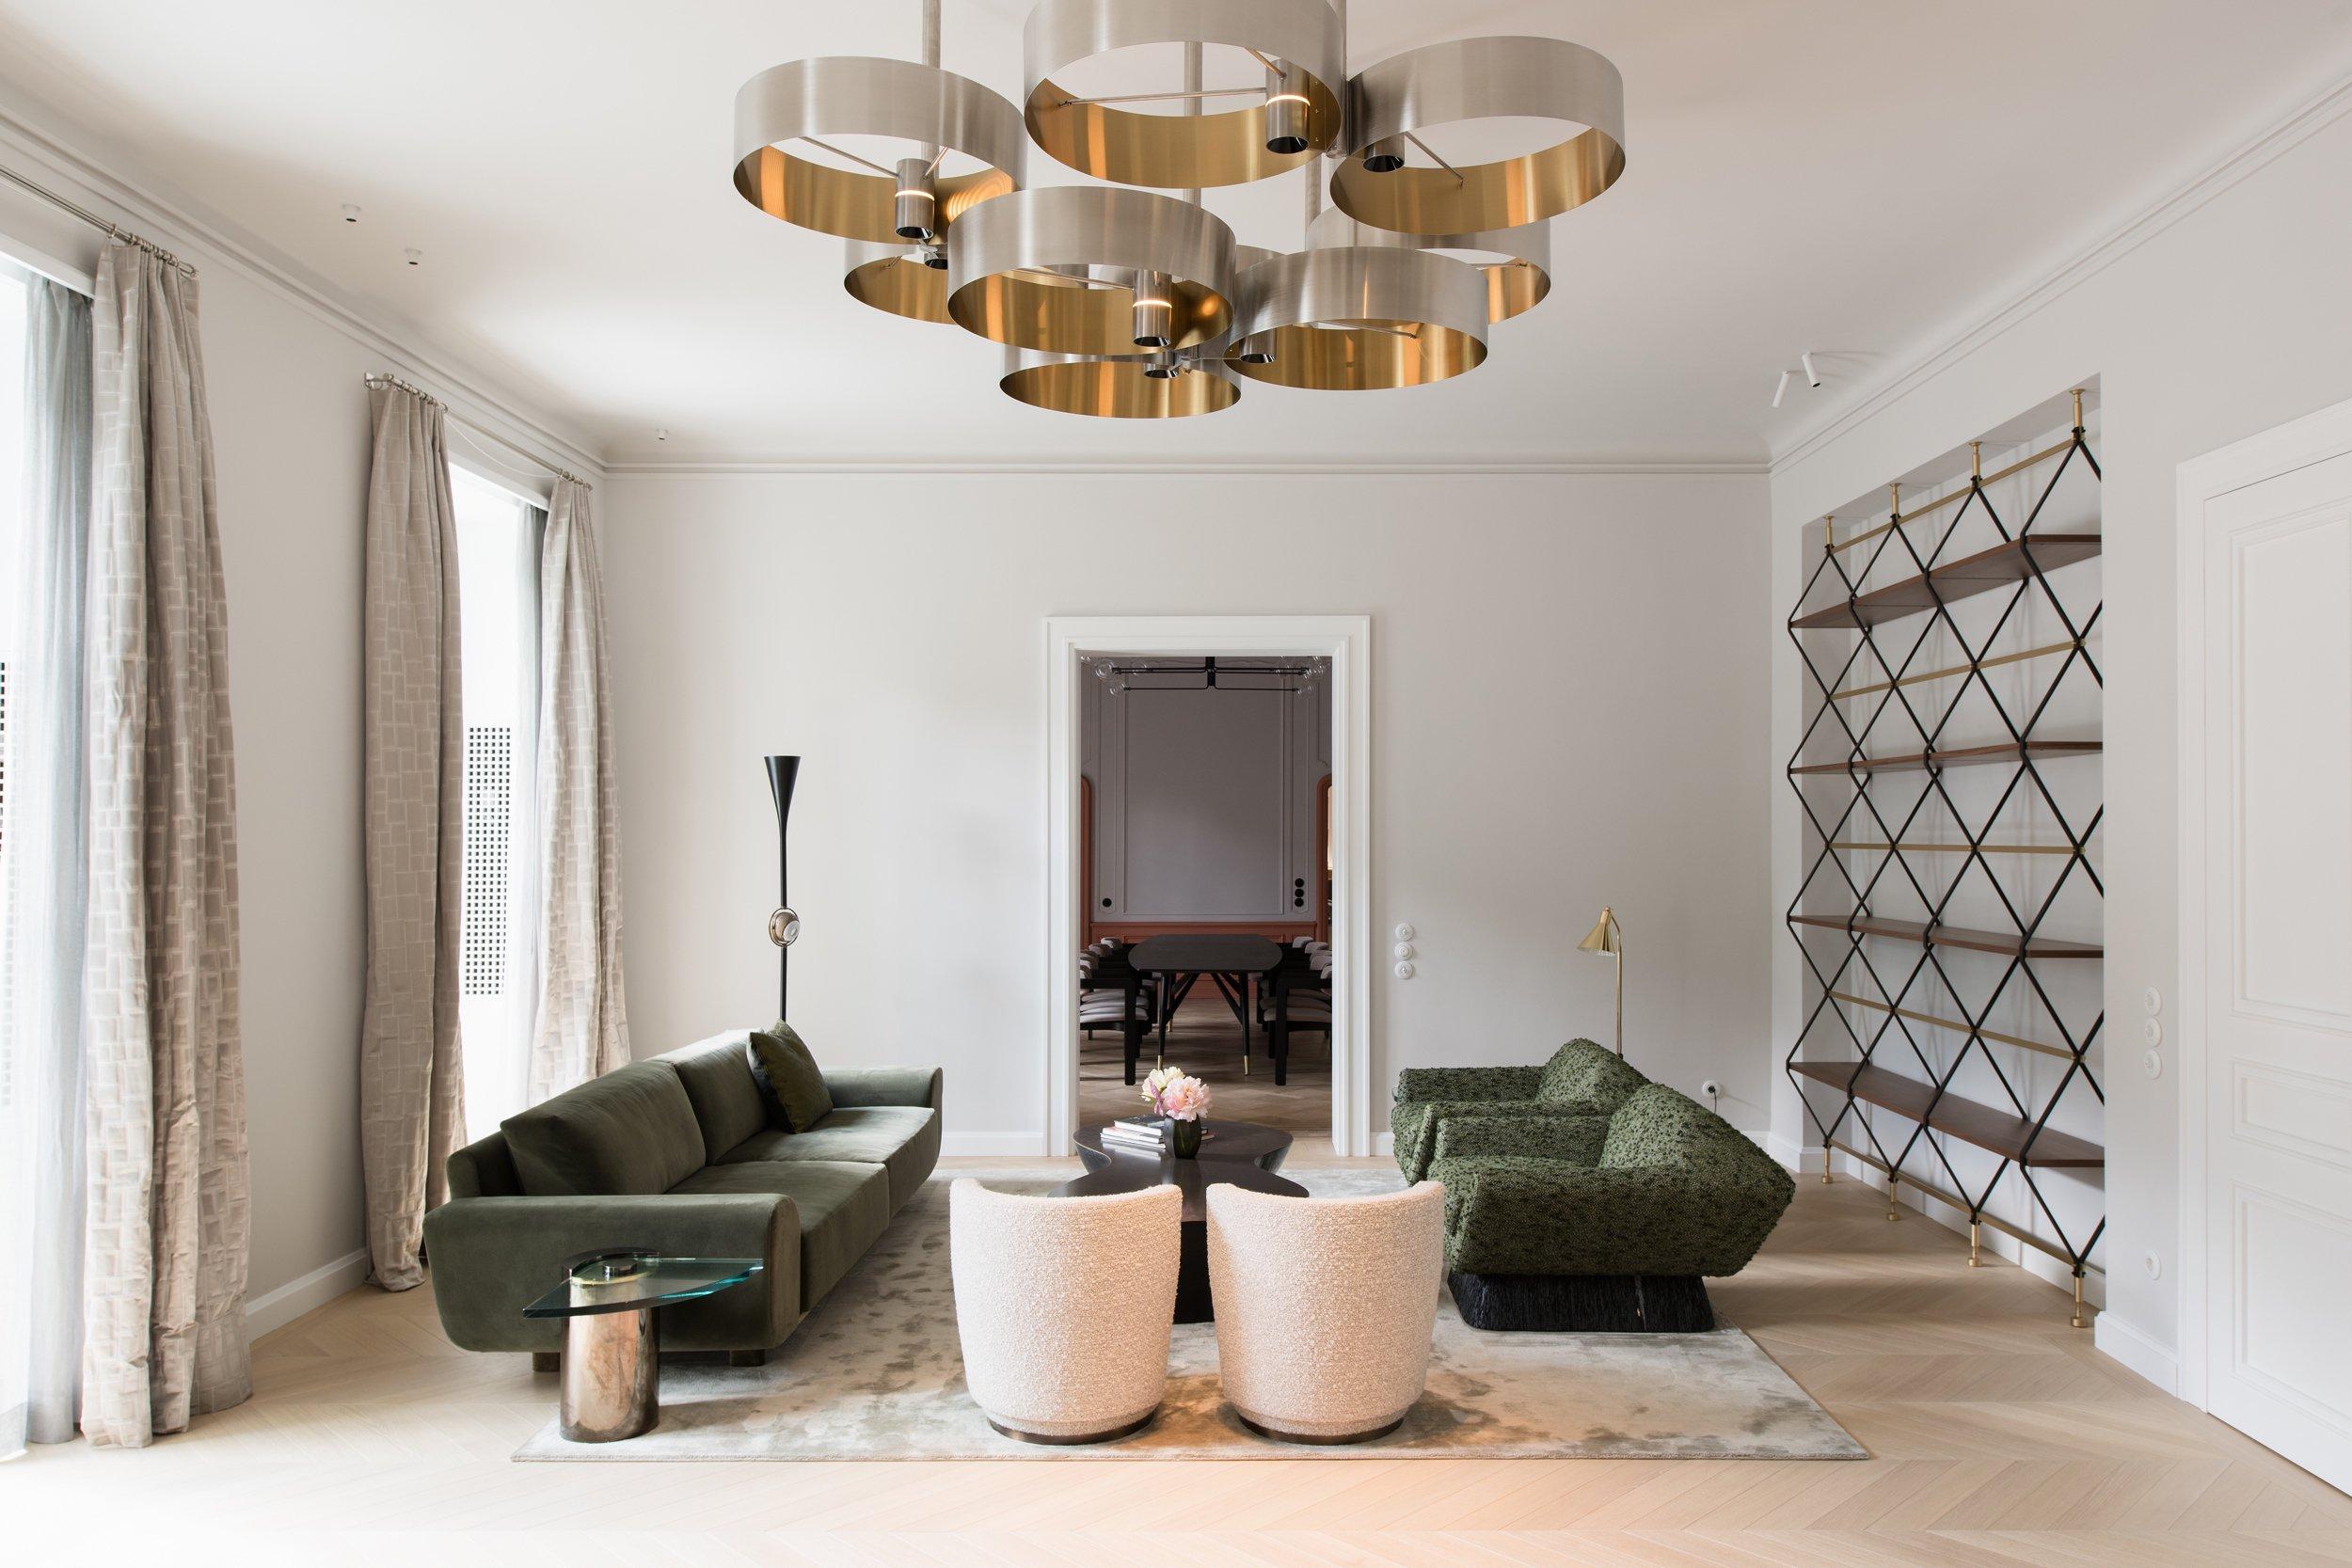 Bei der Beleuchtung haben Arnold / Werner mit den Designstudio PSLab aus Beirut zusammengearbeitet, das für jeden Raum spezifische Licht-Lösungen geschaffen hat. ImWohnzimmer zieht ein Lüster aus Messingringen die Blicke auf sich.